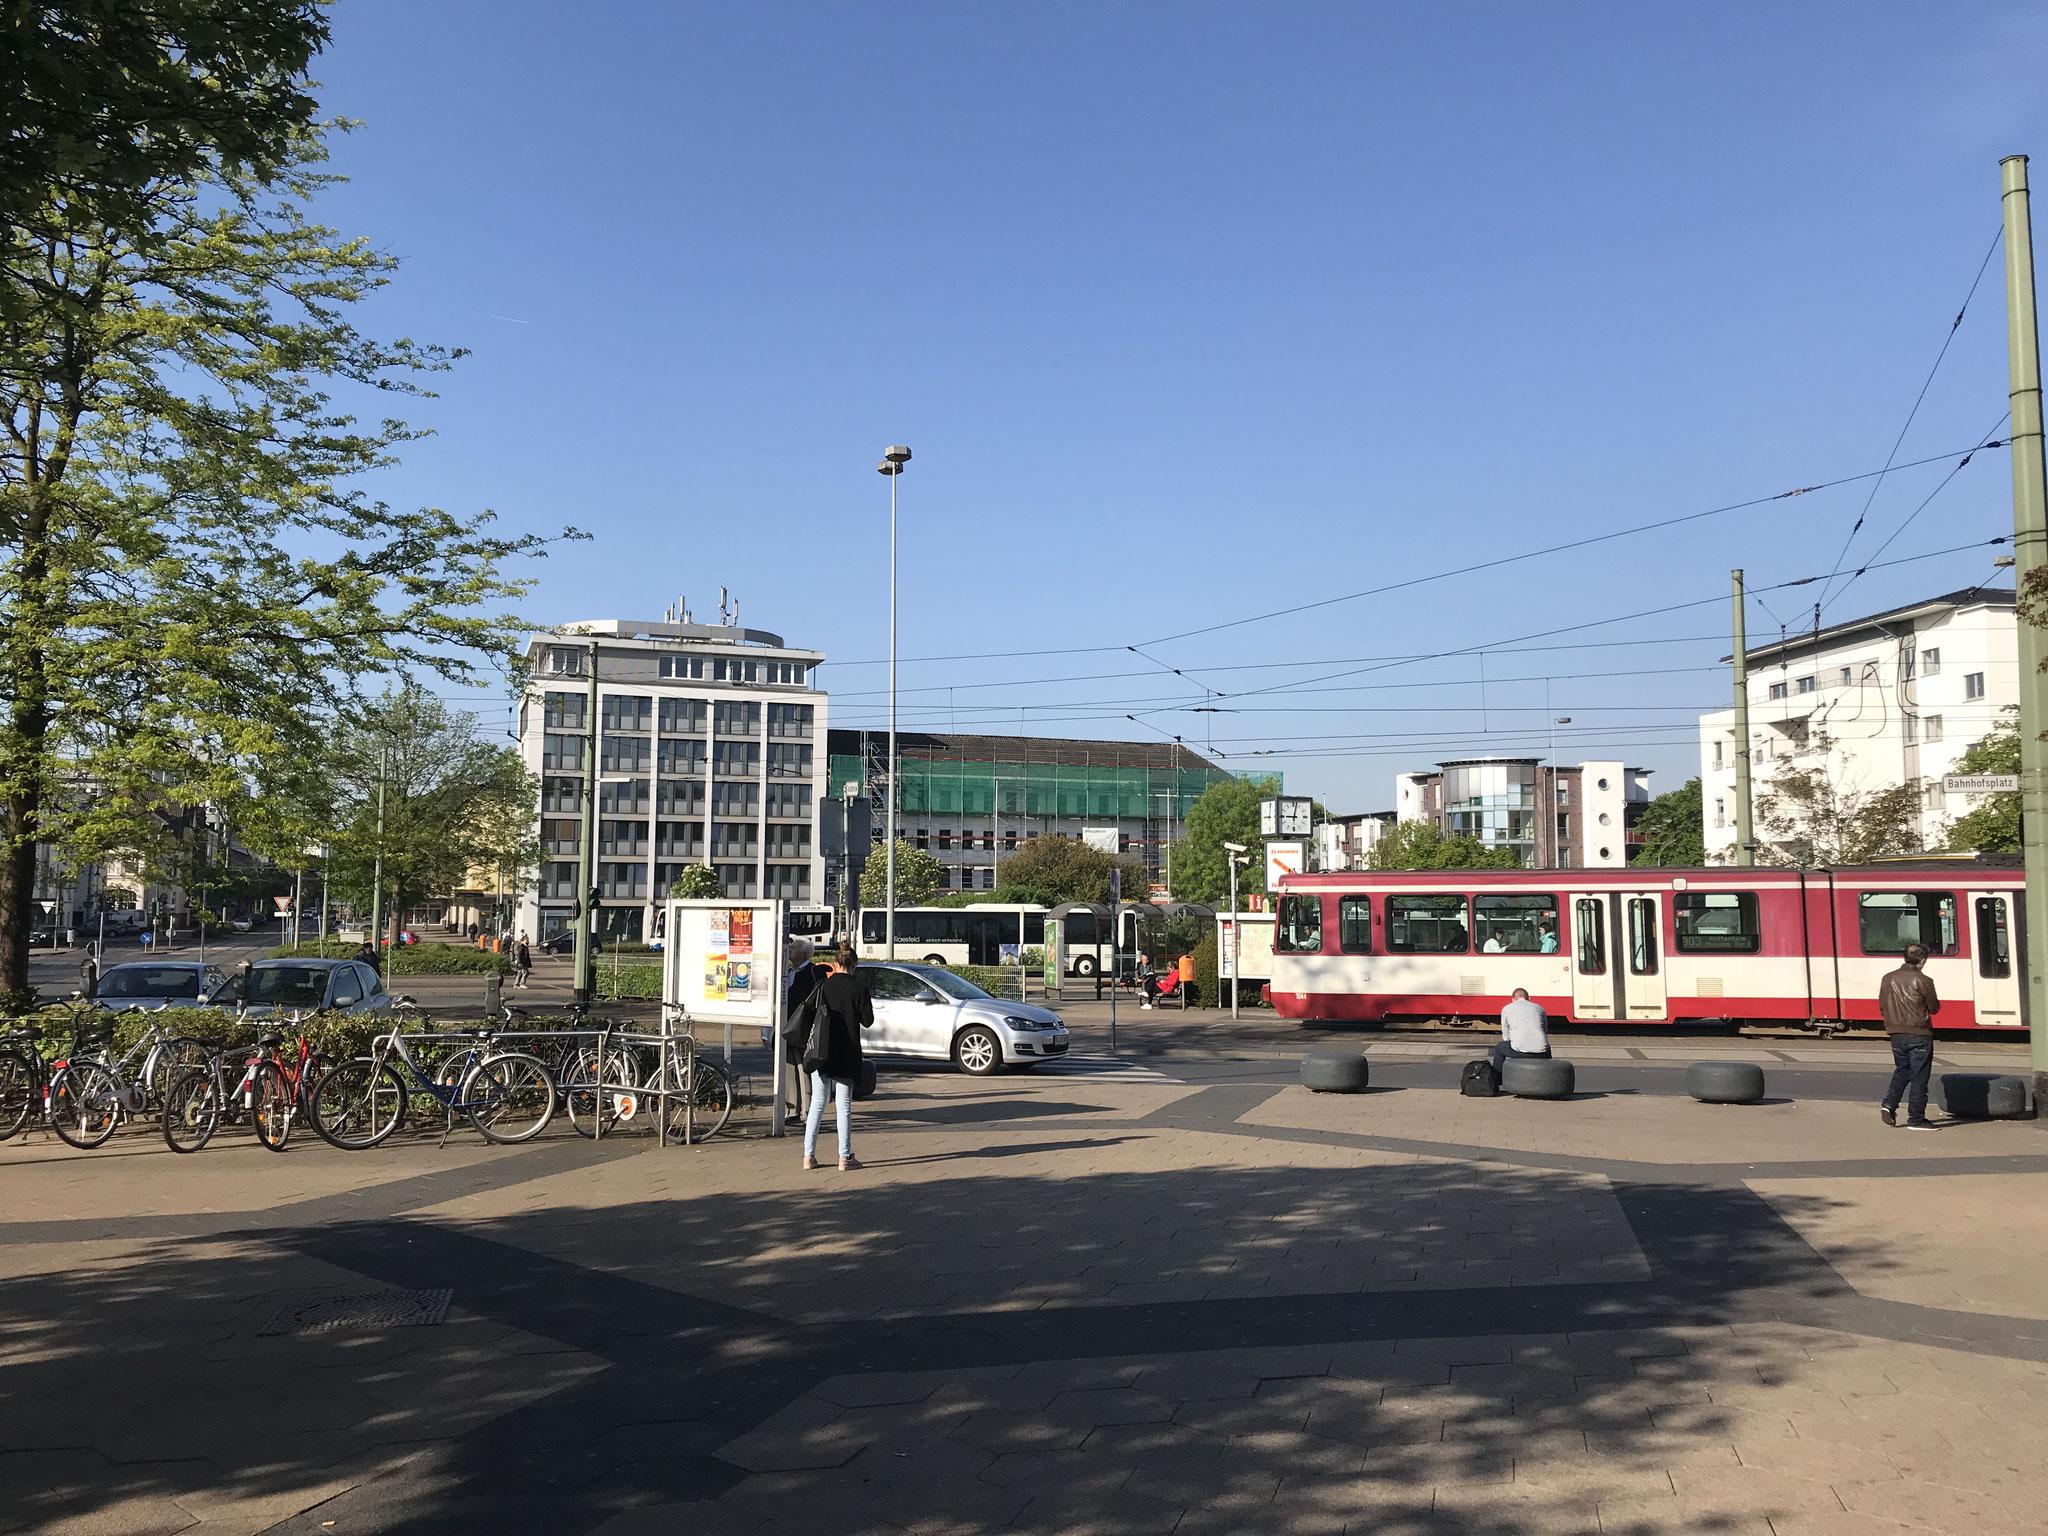 Haltende Straßenbahn vor dem Bahnhofsgebäude.